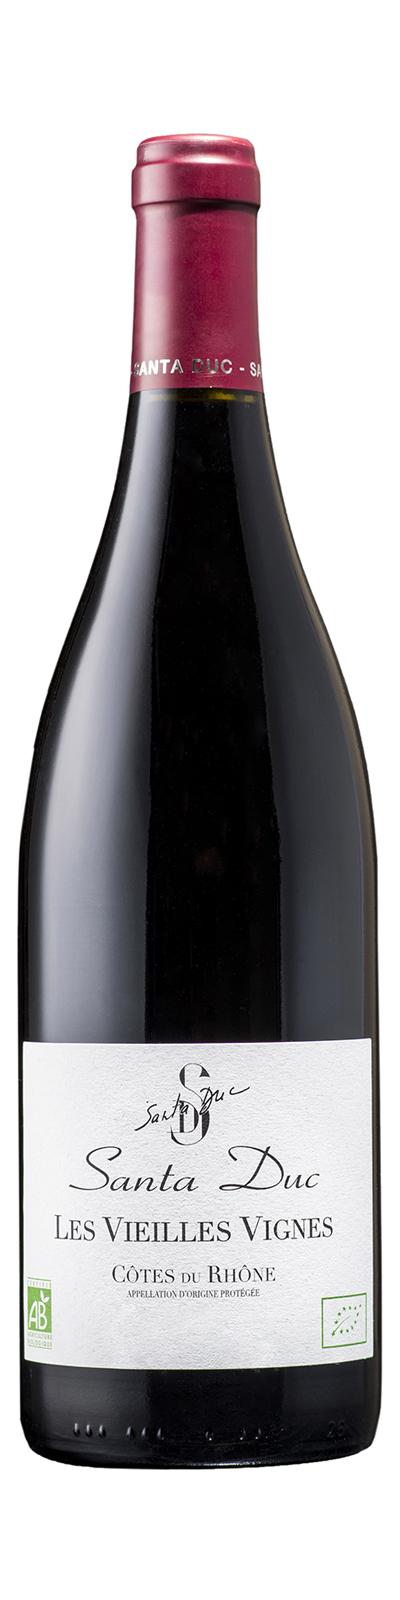 Côtes du Rhône les Vieilles Vignes